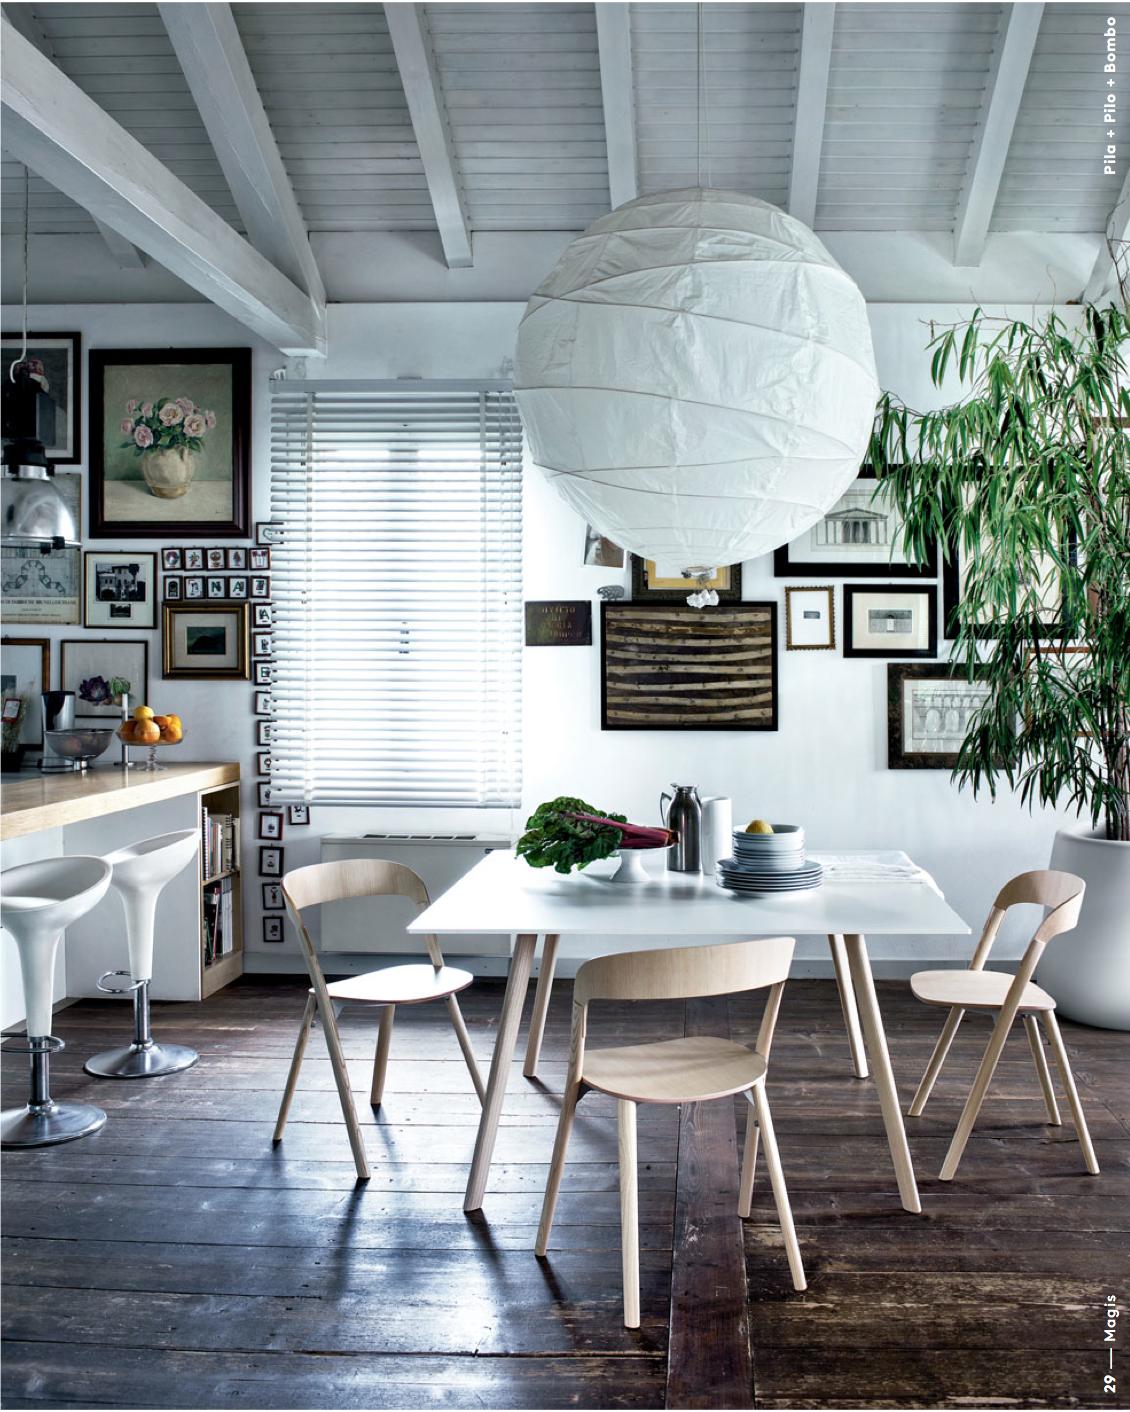 Sommer daheim wohnen for Magis design